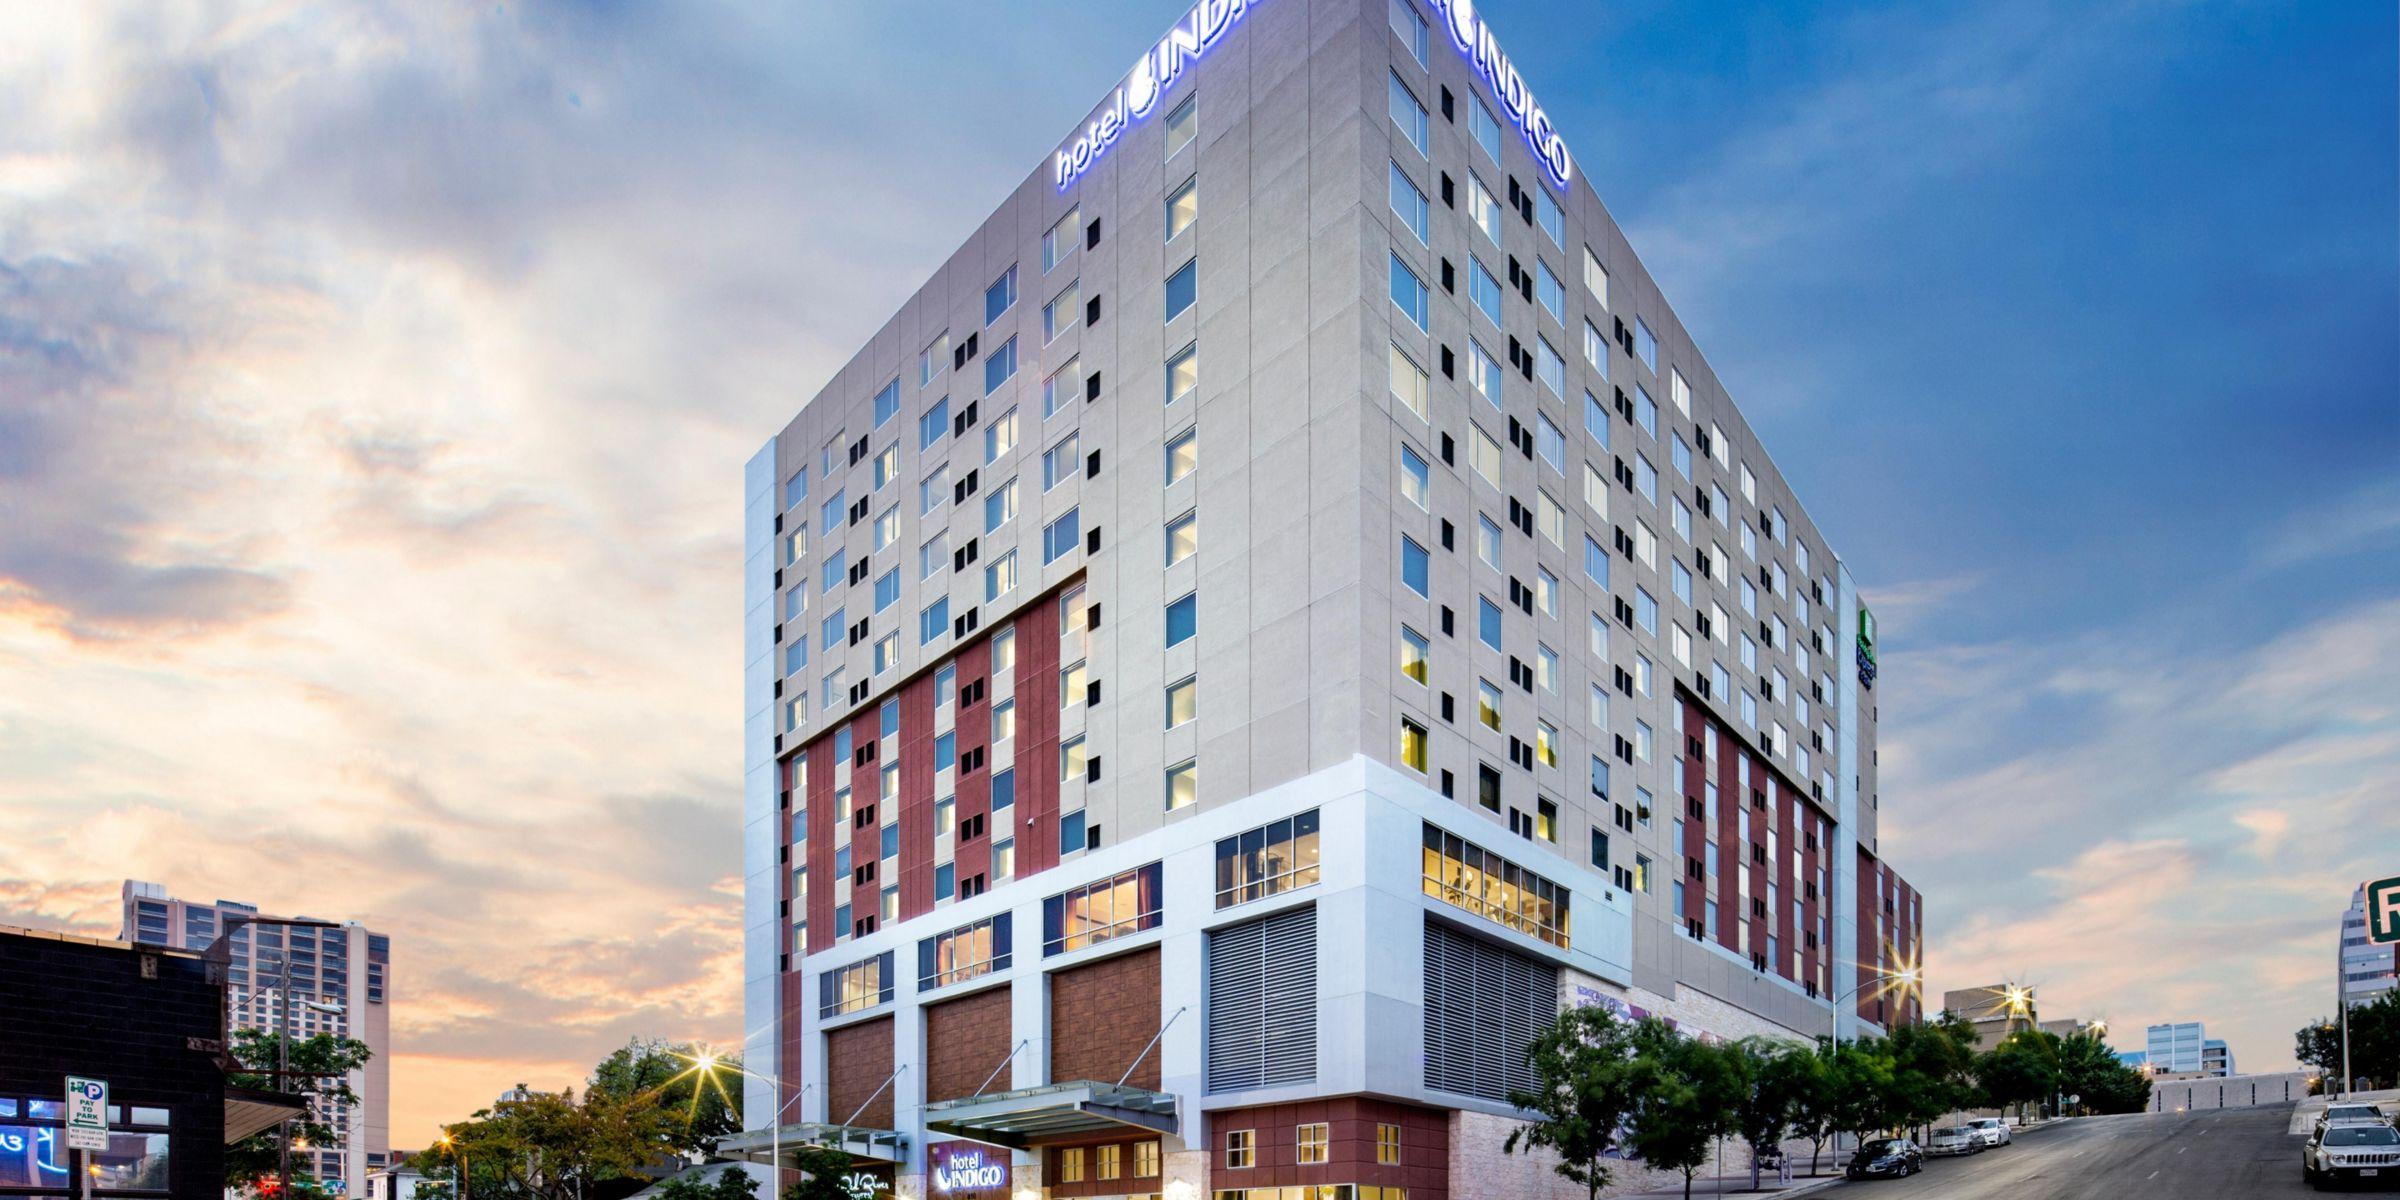 Hotel Indigo Austin Downtown - University - austin, Tejas